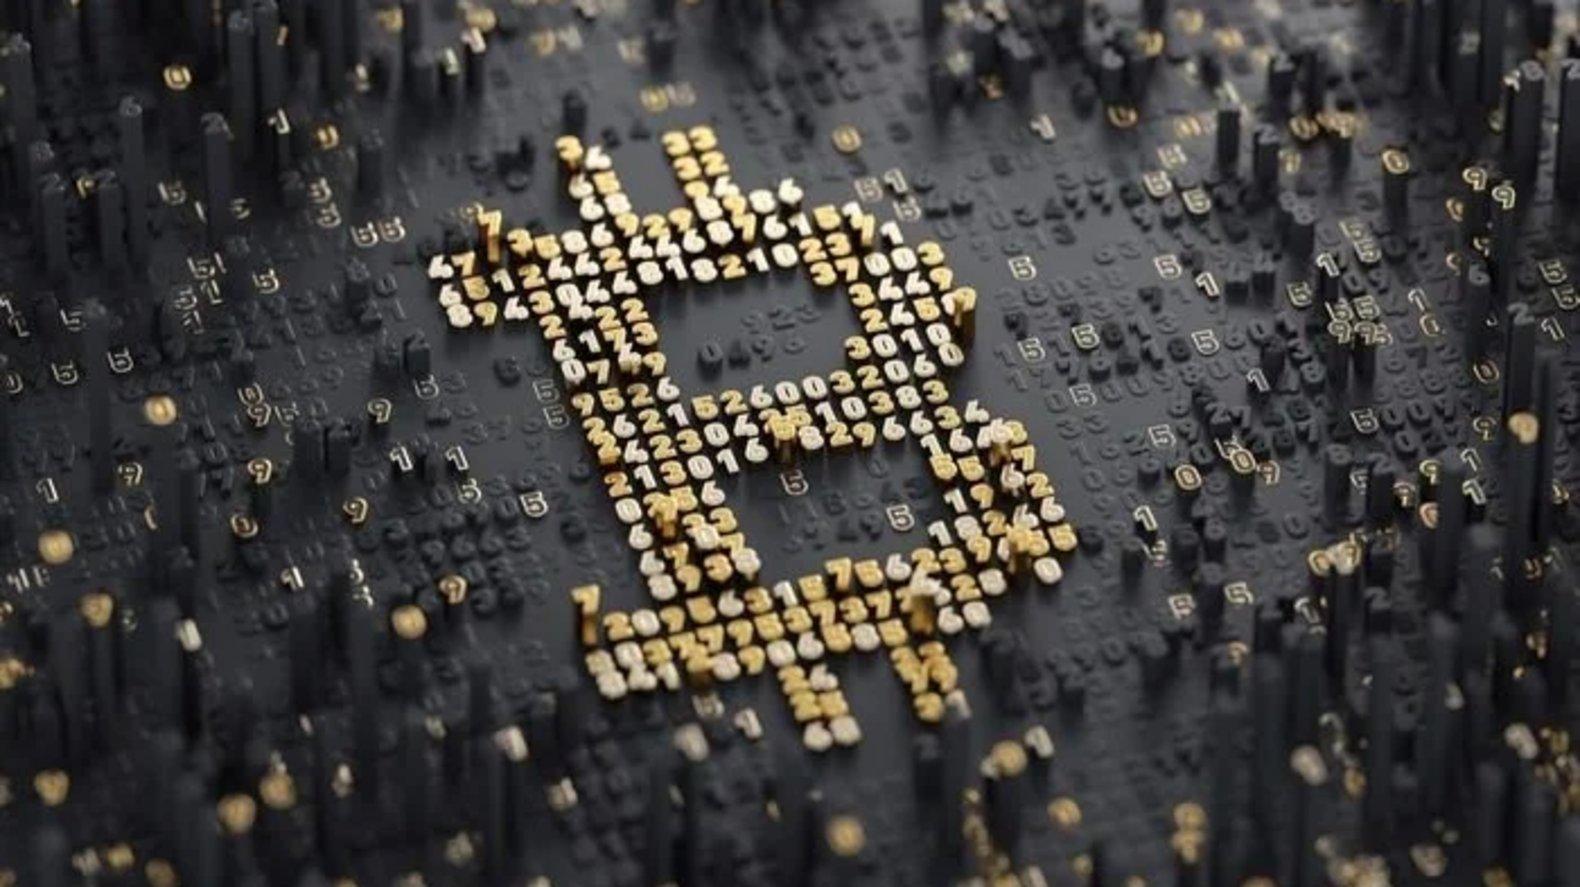 意大利银行Banca Generali牵头对比特币钱包提供商Conio进行1400万美元的投资